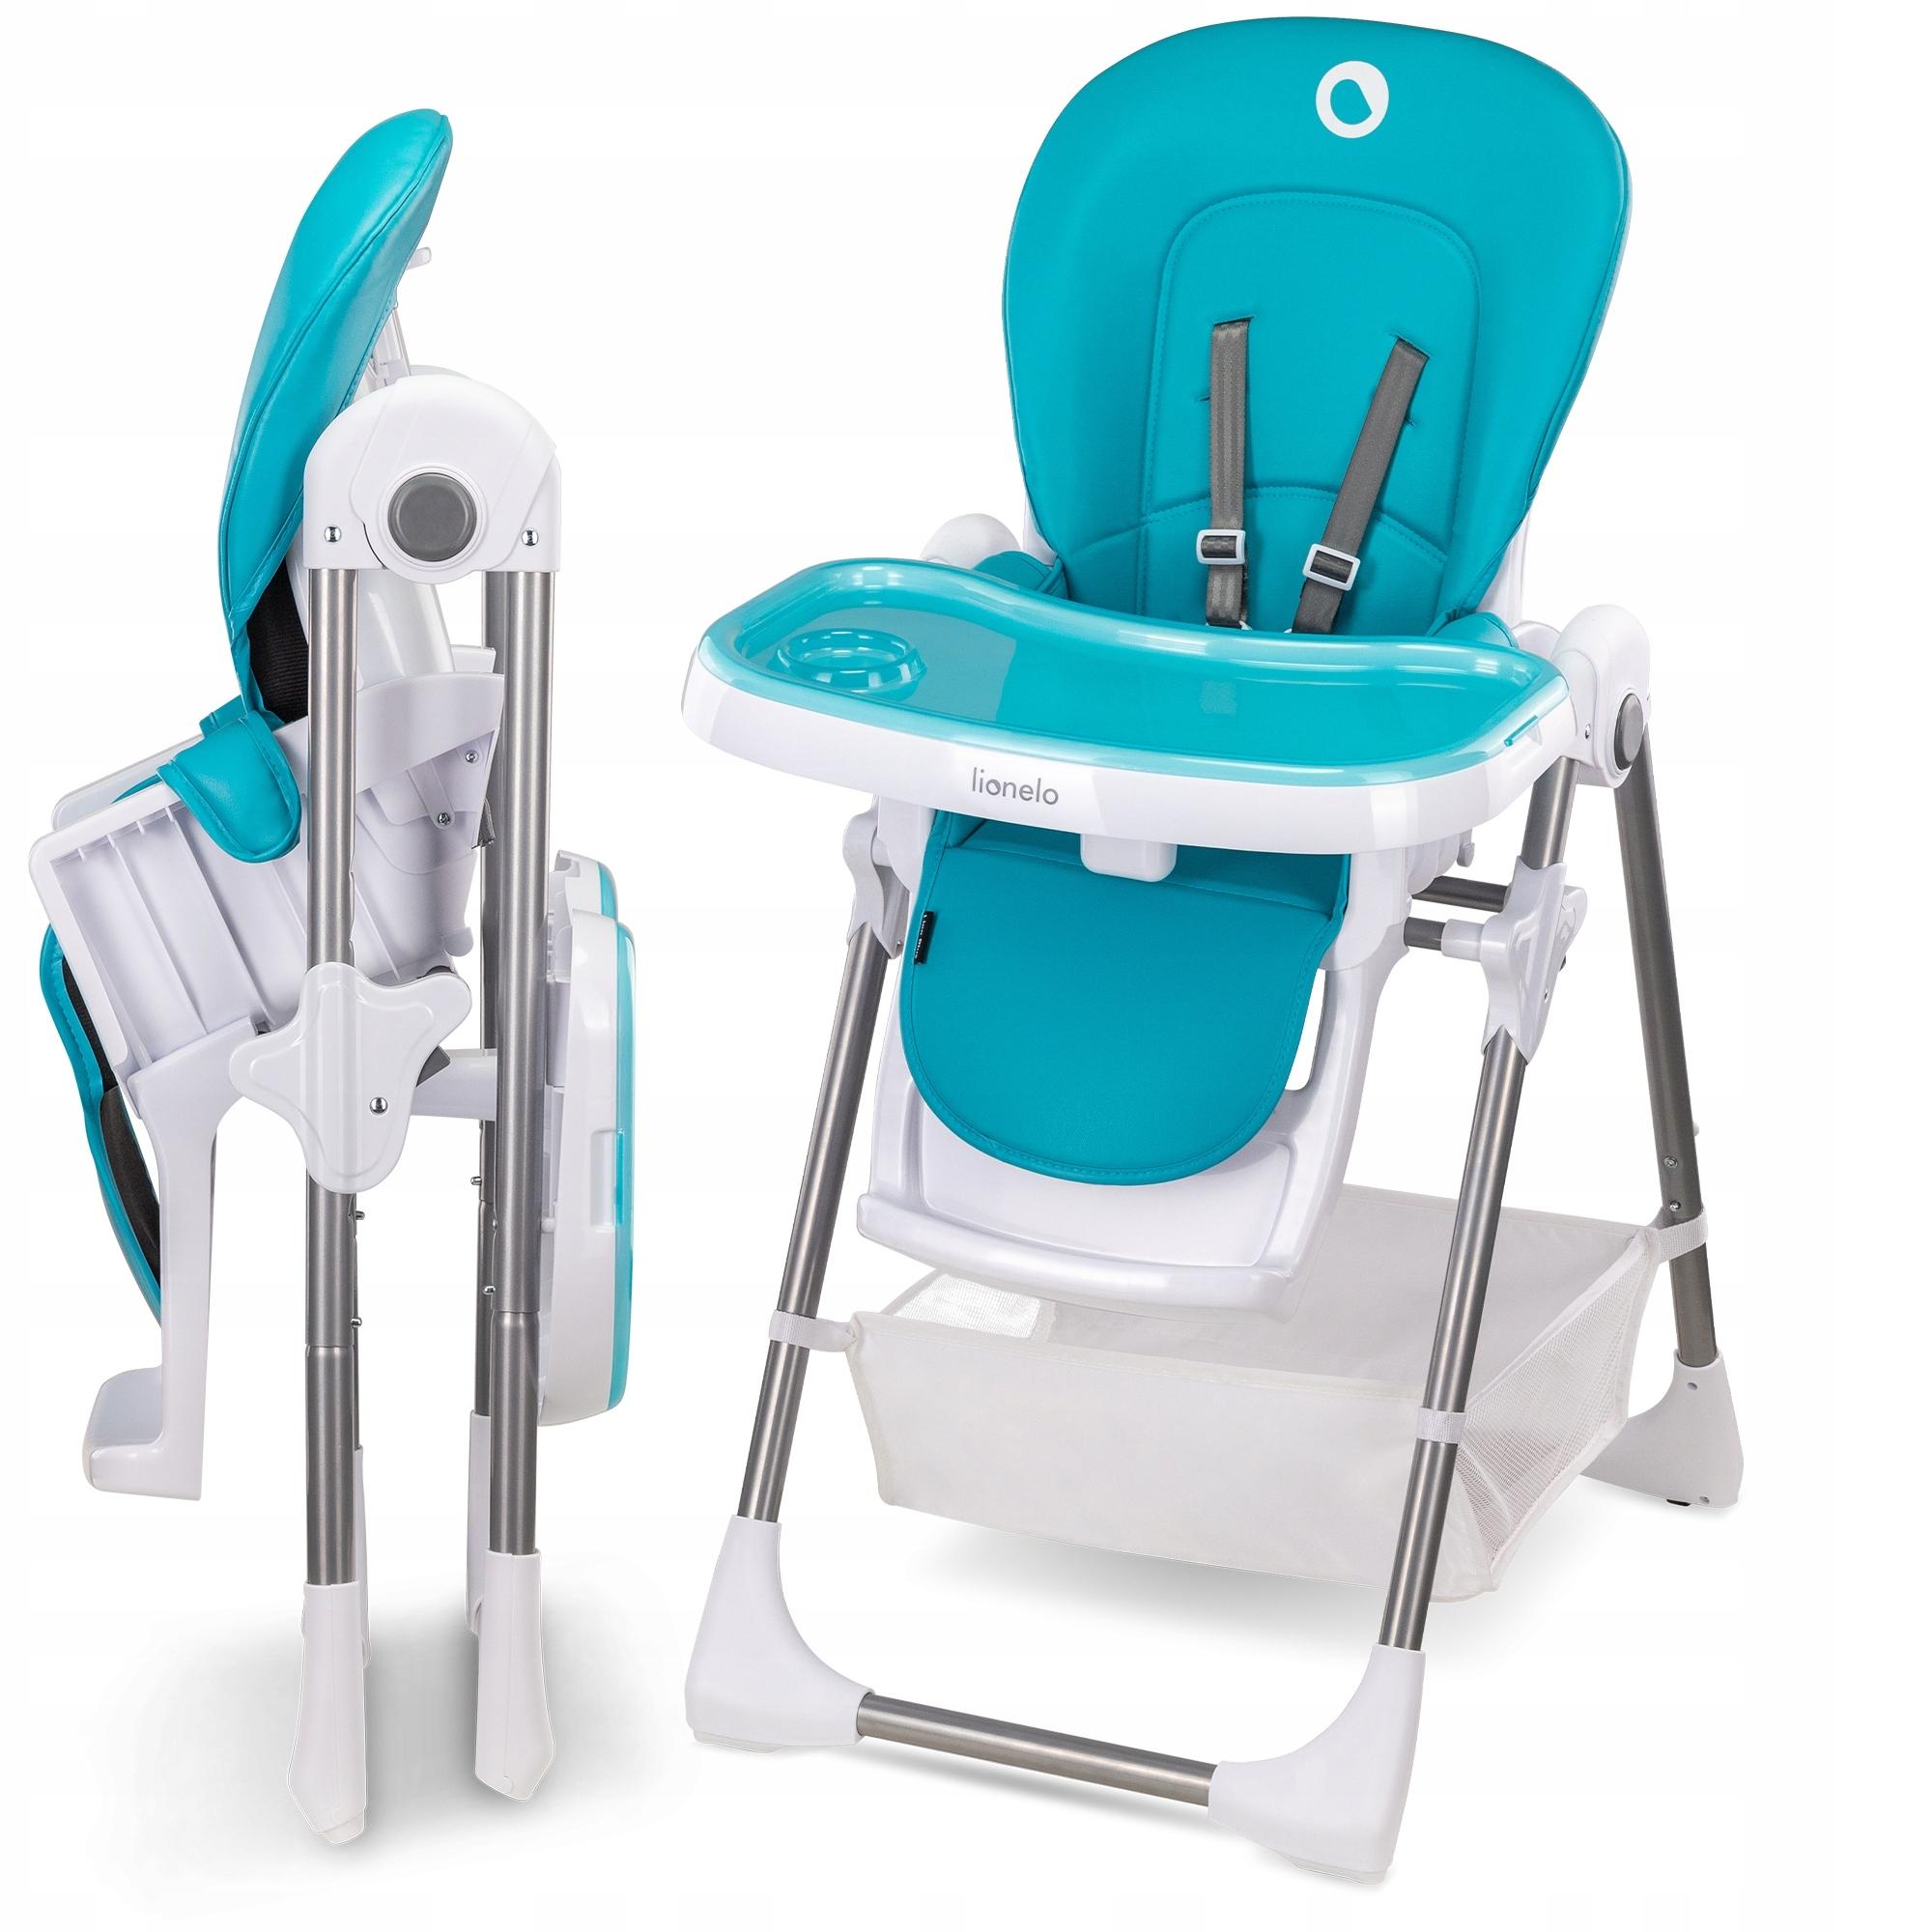 Стульчик для кормления Lionelo LO-LINN PLUS Turquoise